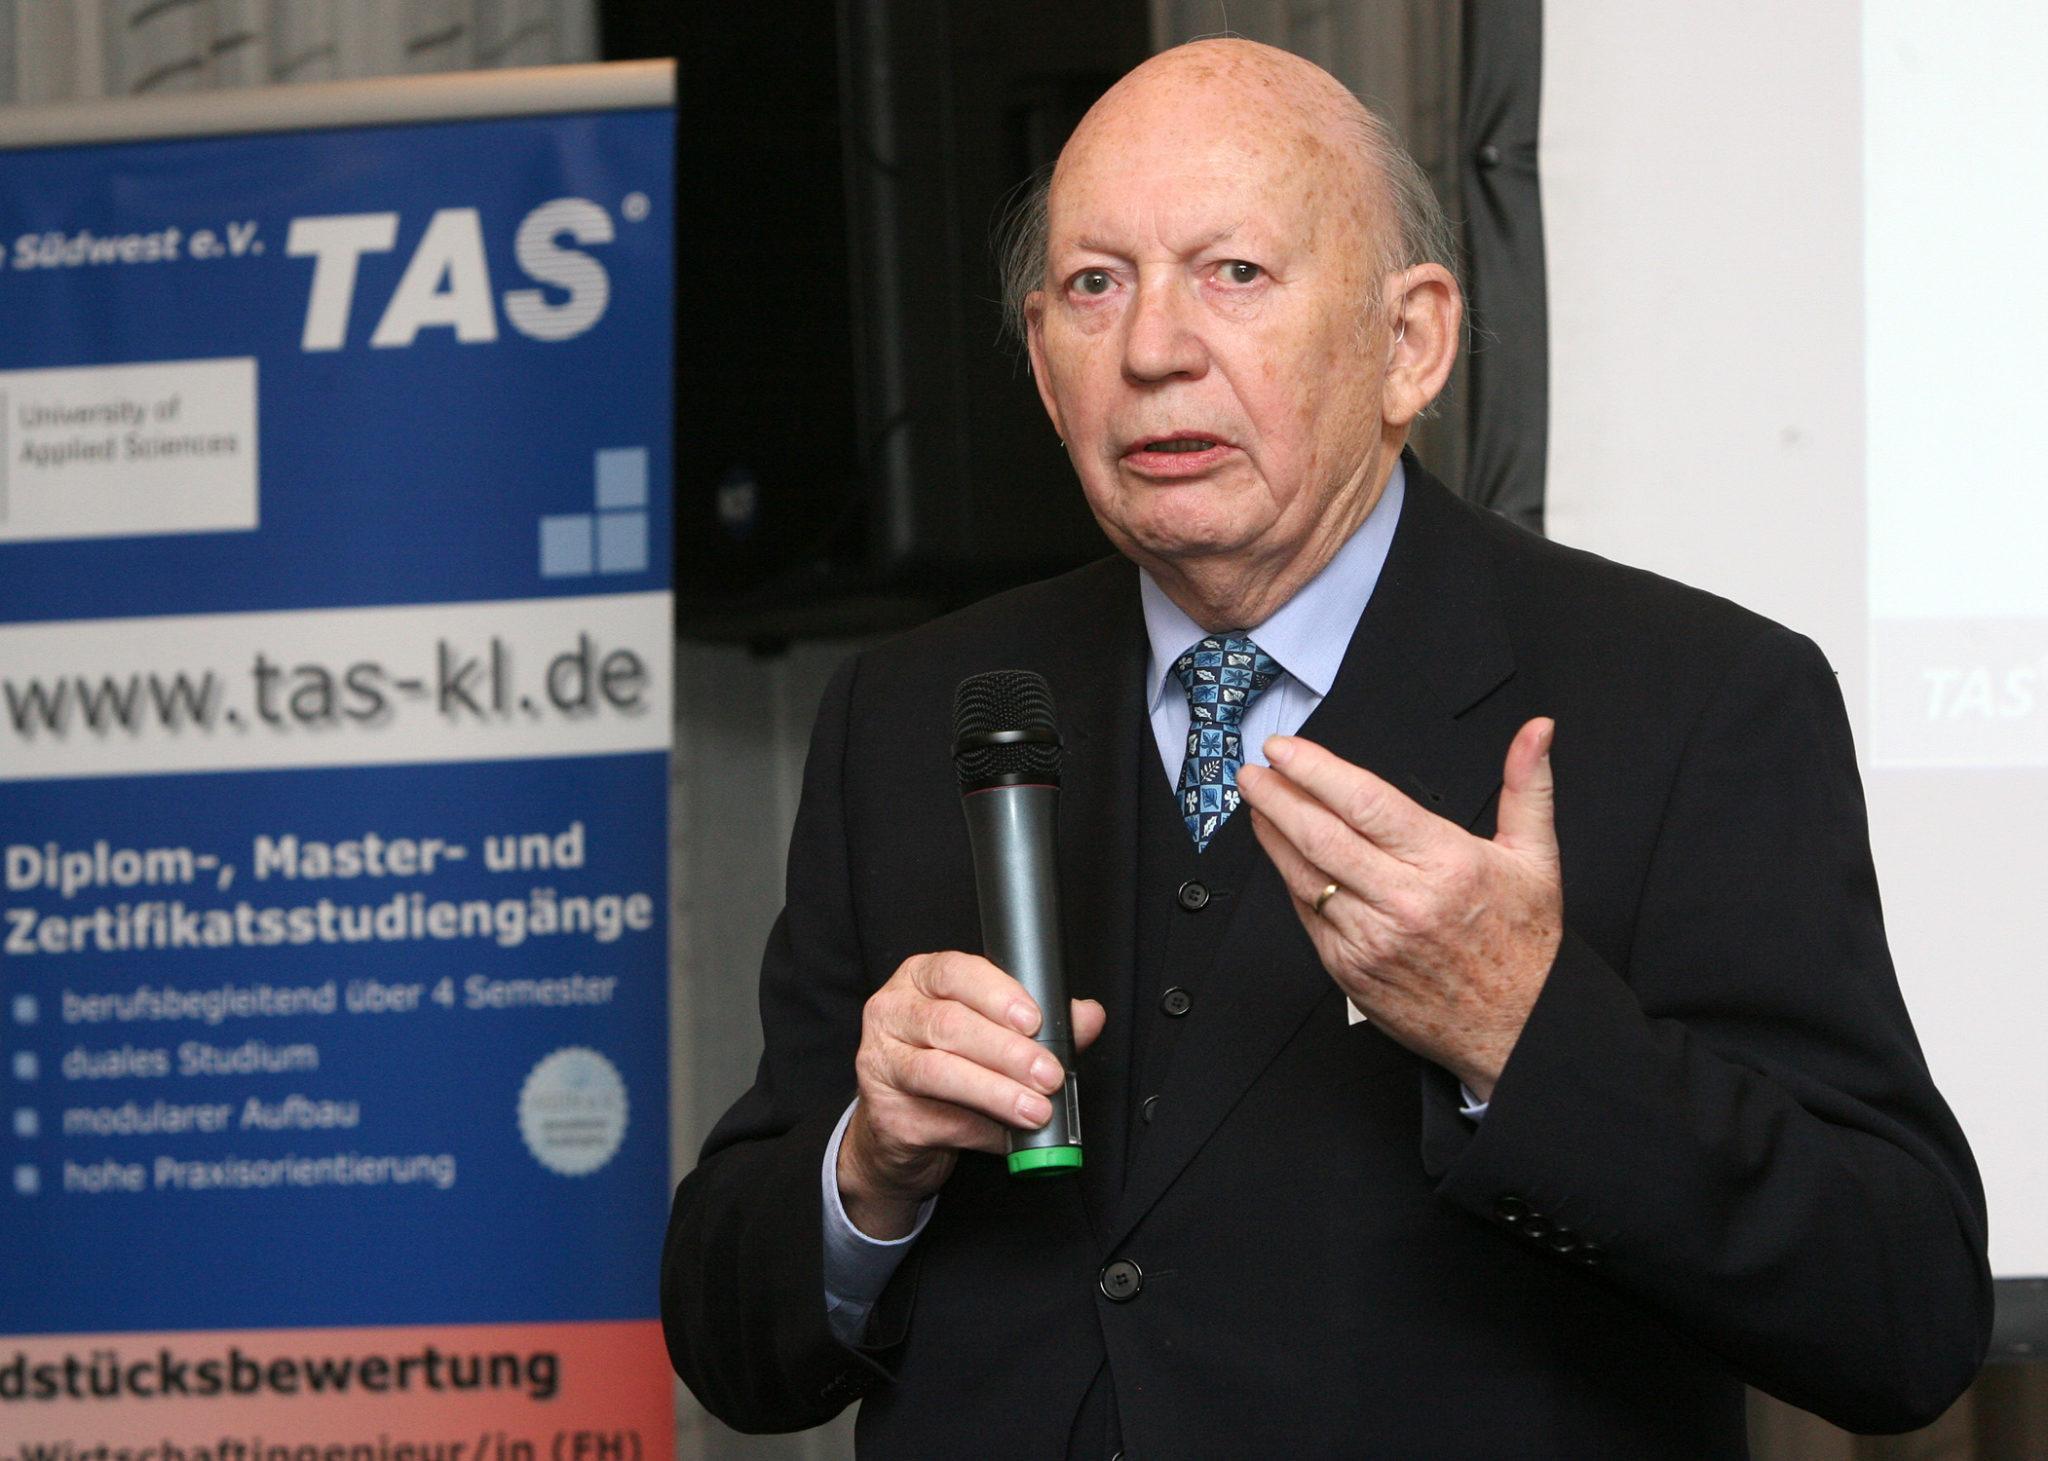 Lothar Scherer